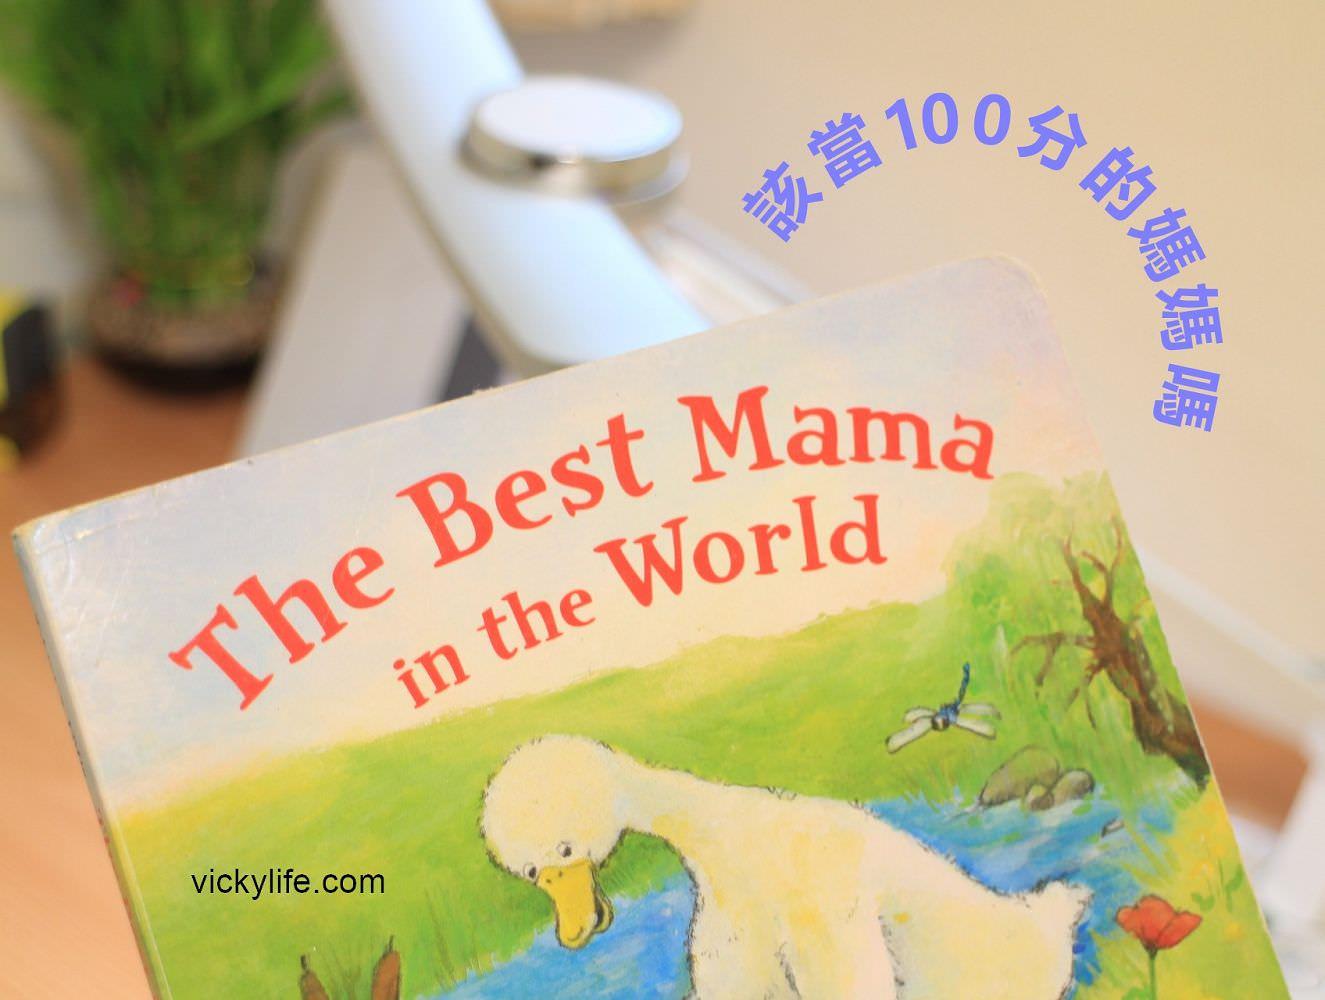 可以不要當100分的媽媽嗎?提升正能量5妙招︱親子教養書和親子繪本推薦:小廚師,我的幸福投資、繪本給你教養力